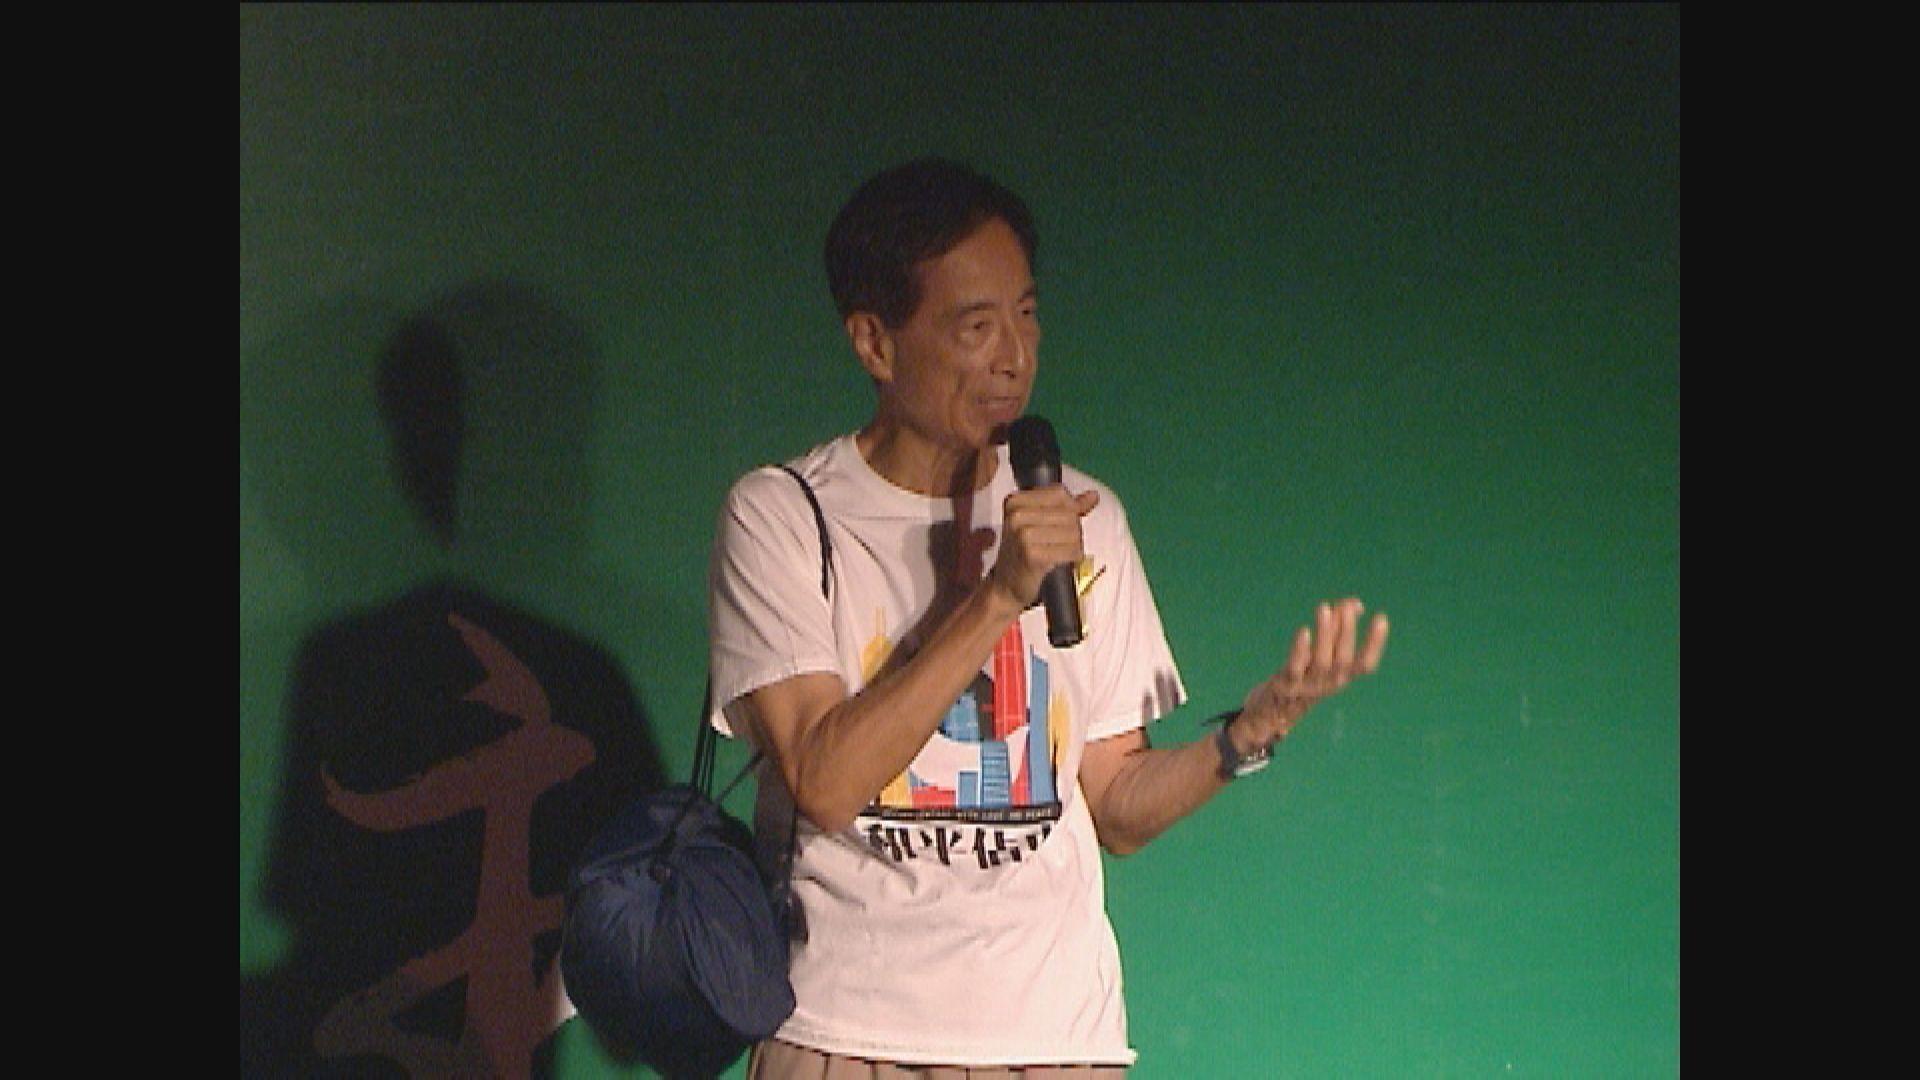 李柱銘多年投身民主運動被稱「民主之父」 北京形容 「禍港四人幫」